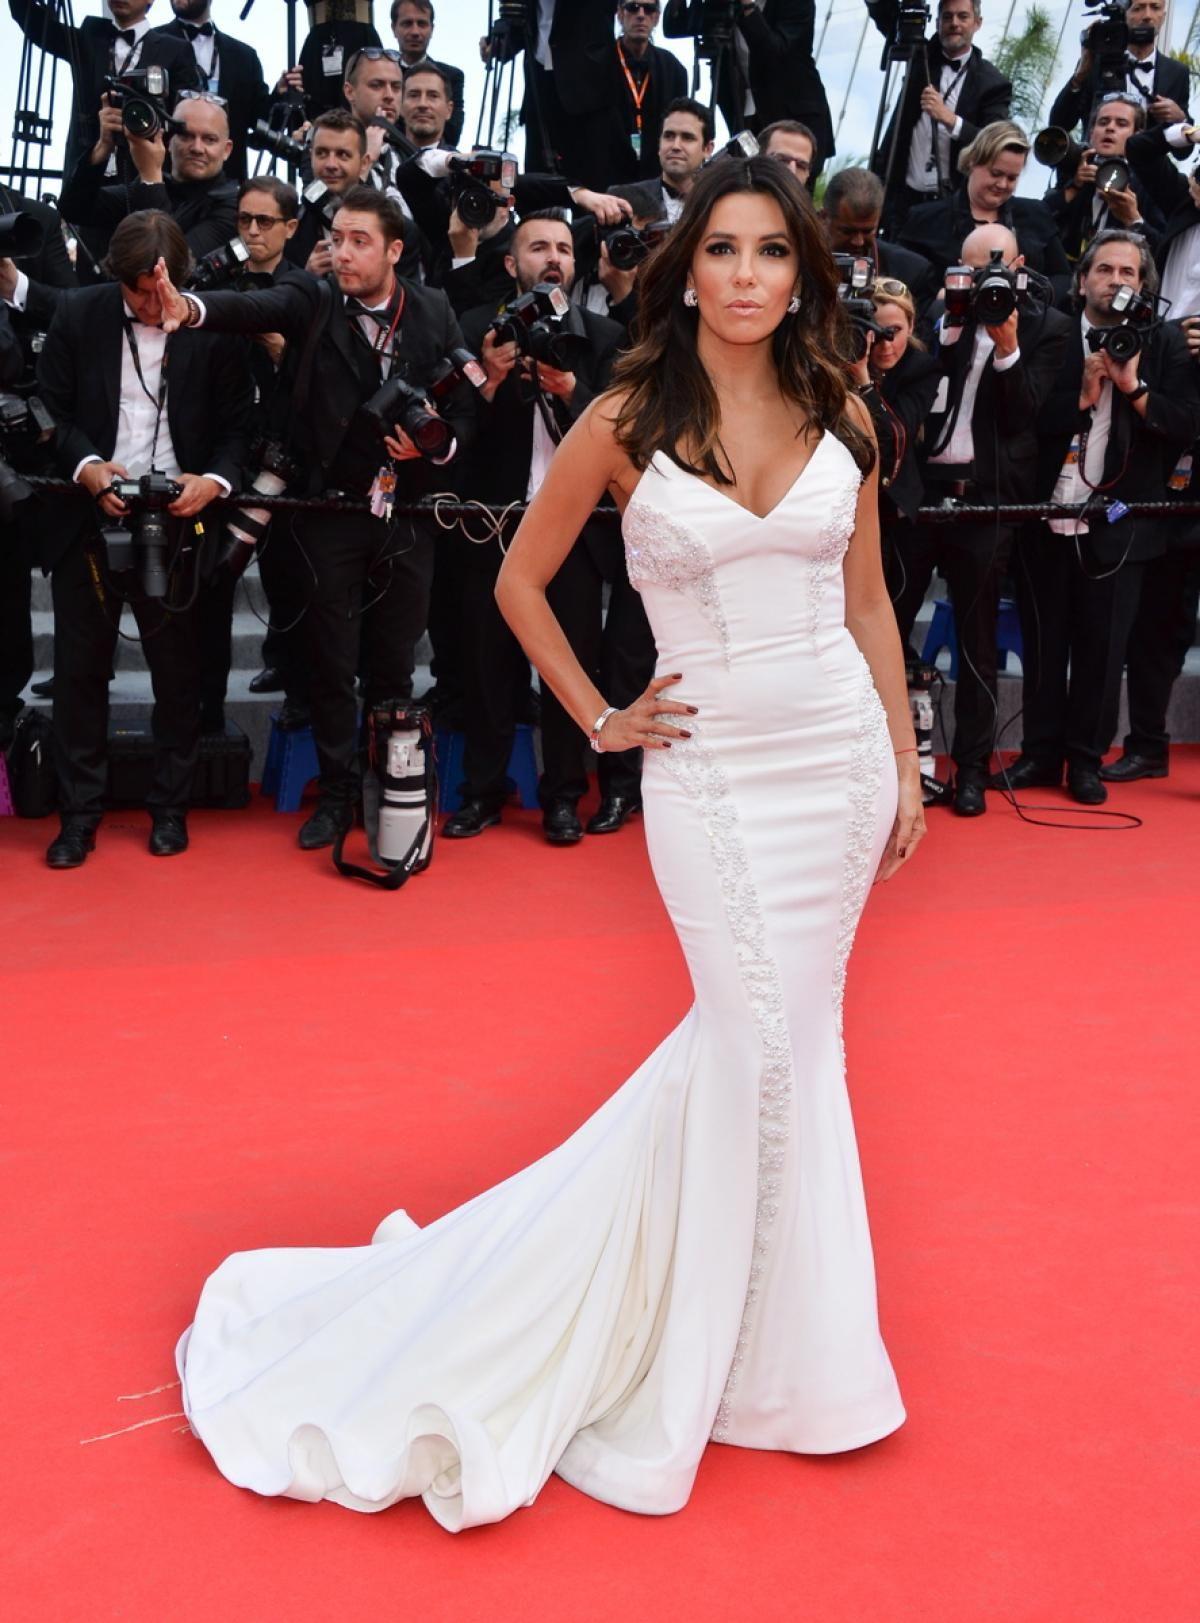 Wedded wonderland evaus style pinterest white gowns eva